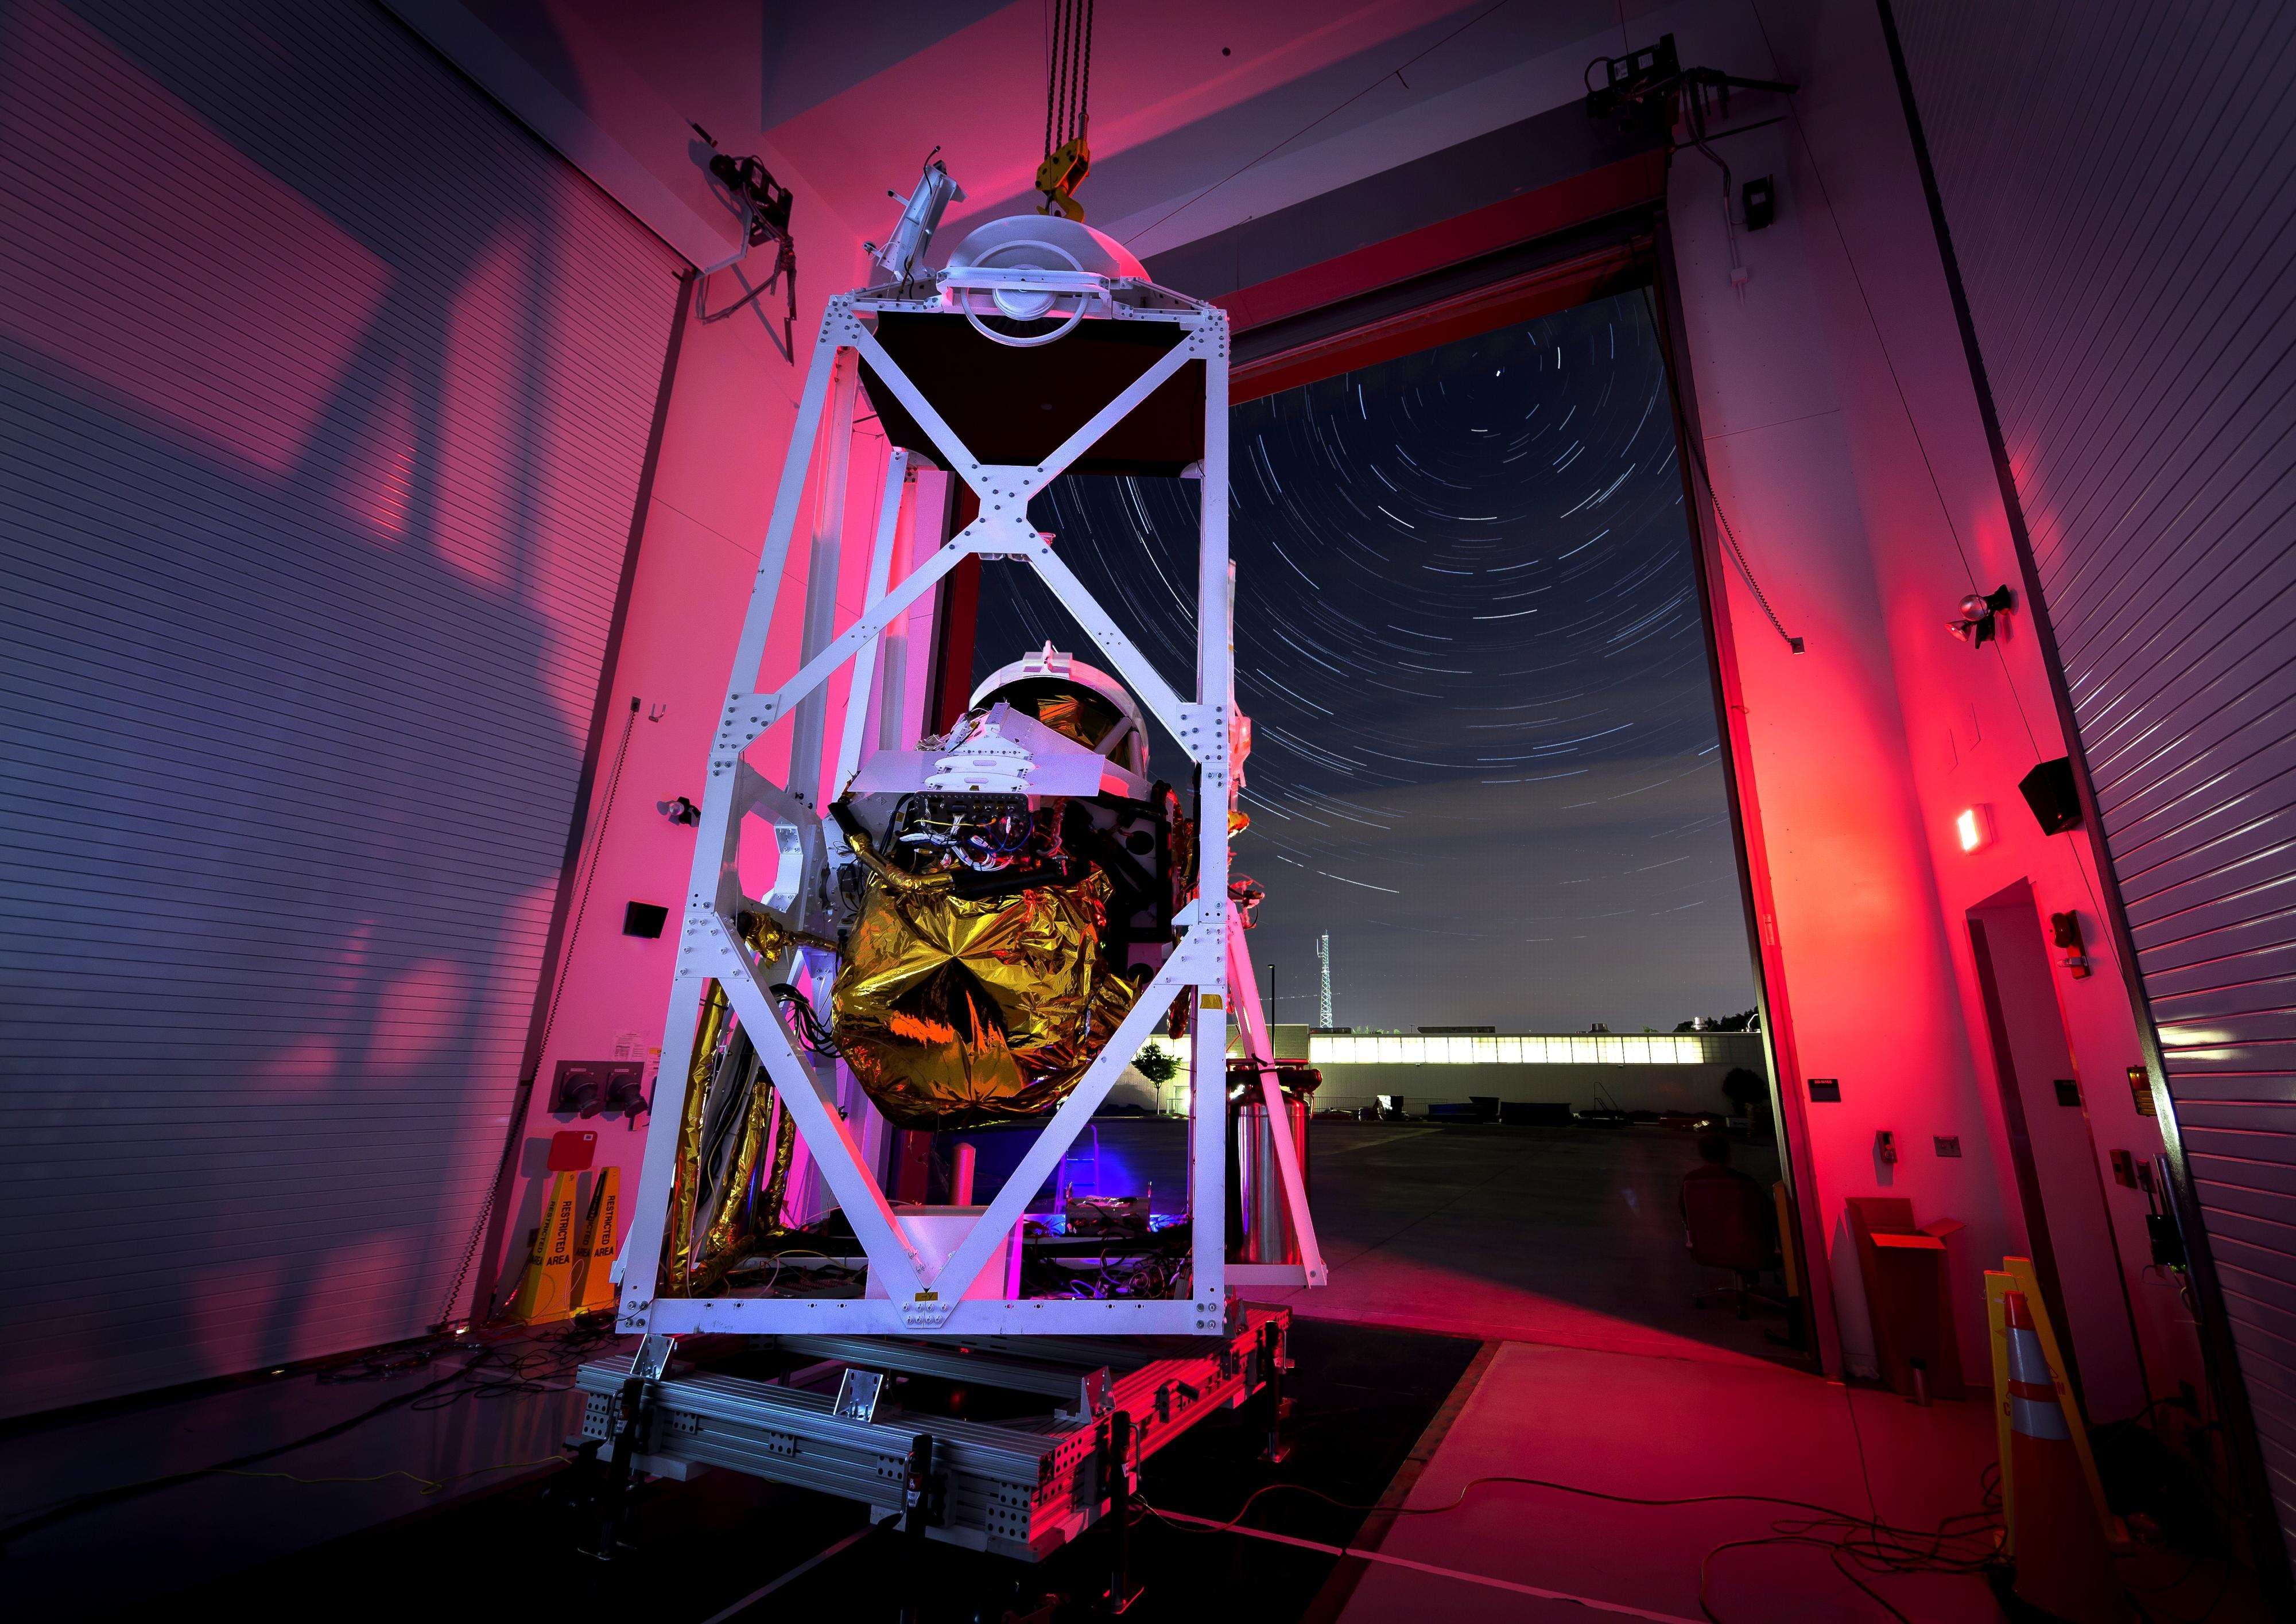 El 25 de septiembre de 2014 la NASA difundió una imagen de larga exposición compuesta por 100 fotos y que muestra a Polaris, la Estrella del Norte, y entorno a ella, los demás cuerpos celestes del universo, que parecen girar, pero en realidad se ven en movimiento por el efecto de rotación de la Tierra. Foto: NASA/JHUAPL